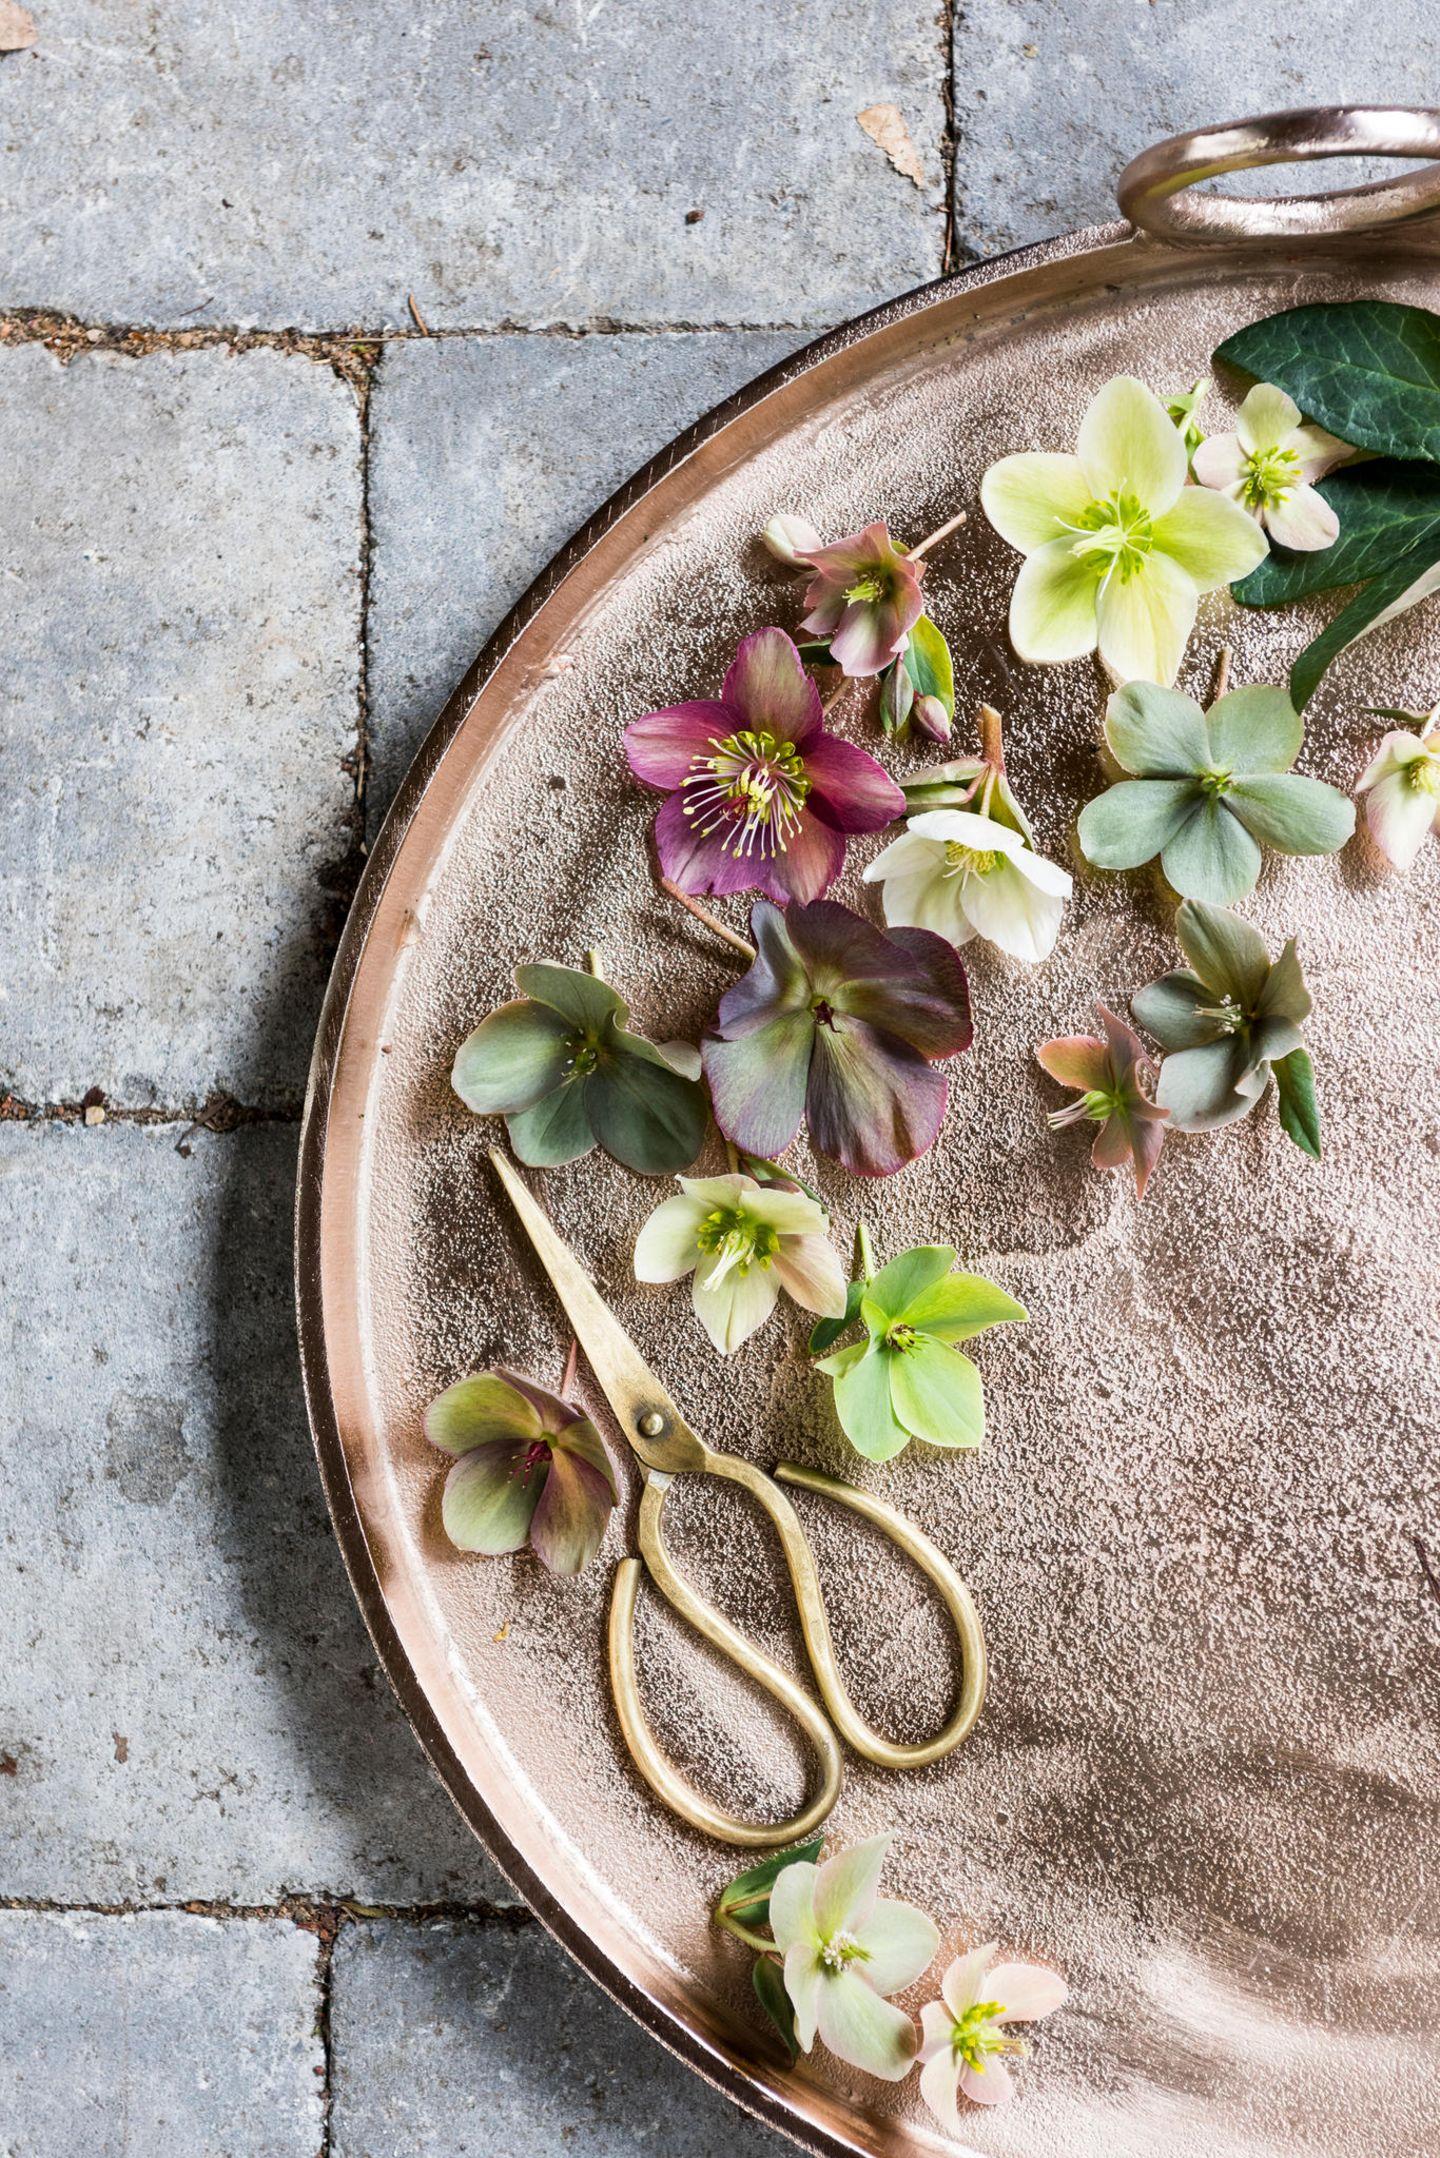 Christrosenblüten auf einem beigen Keramikteller mit goldener Schere